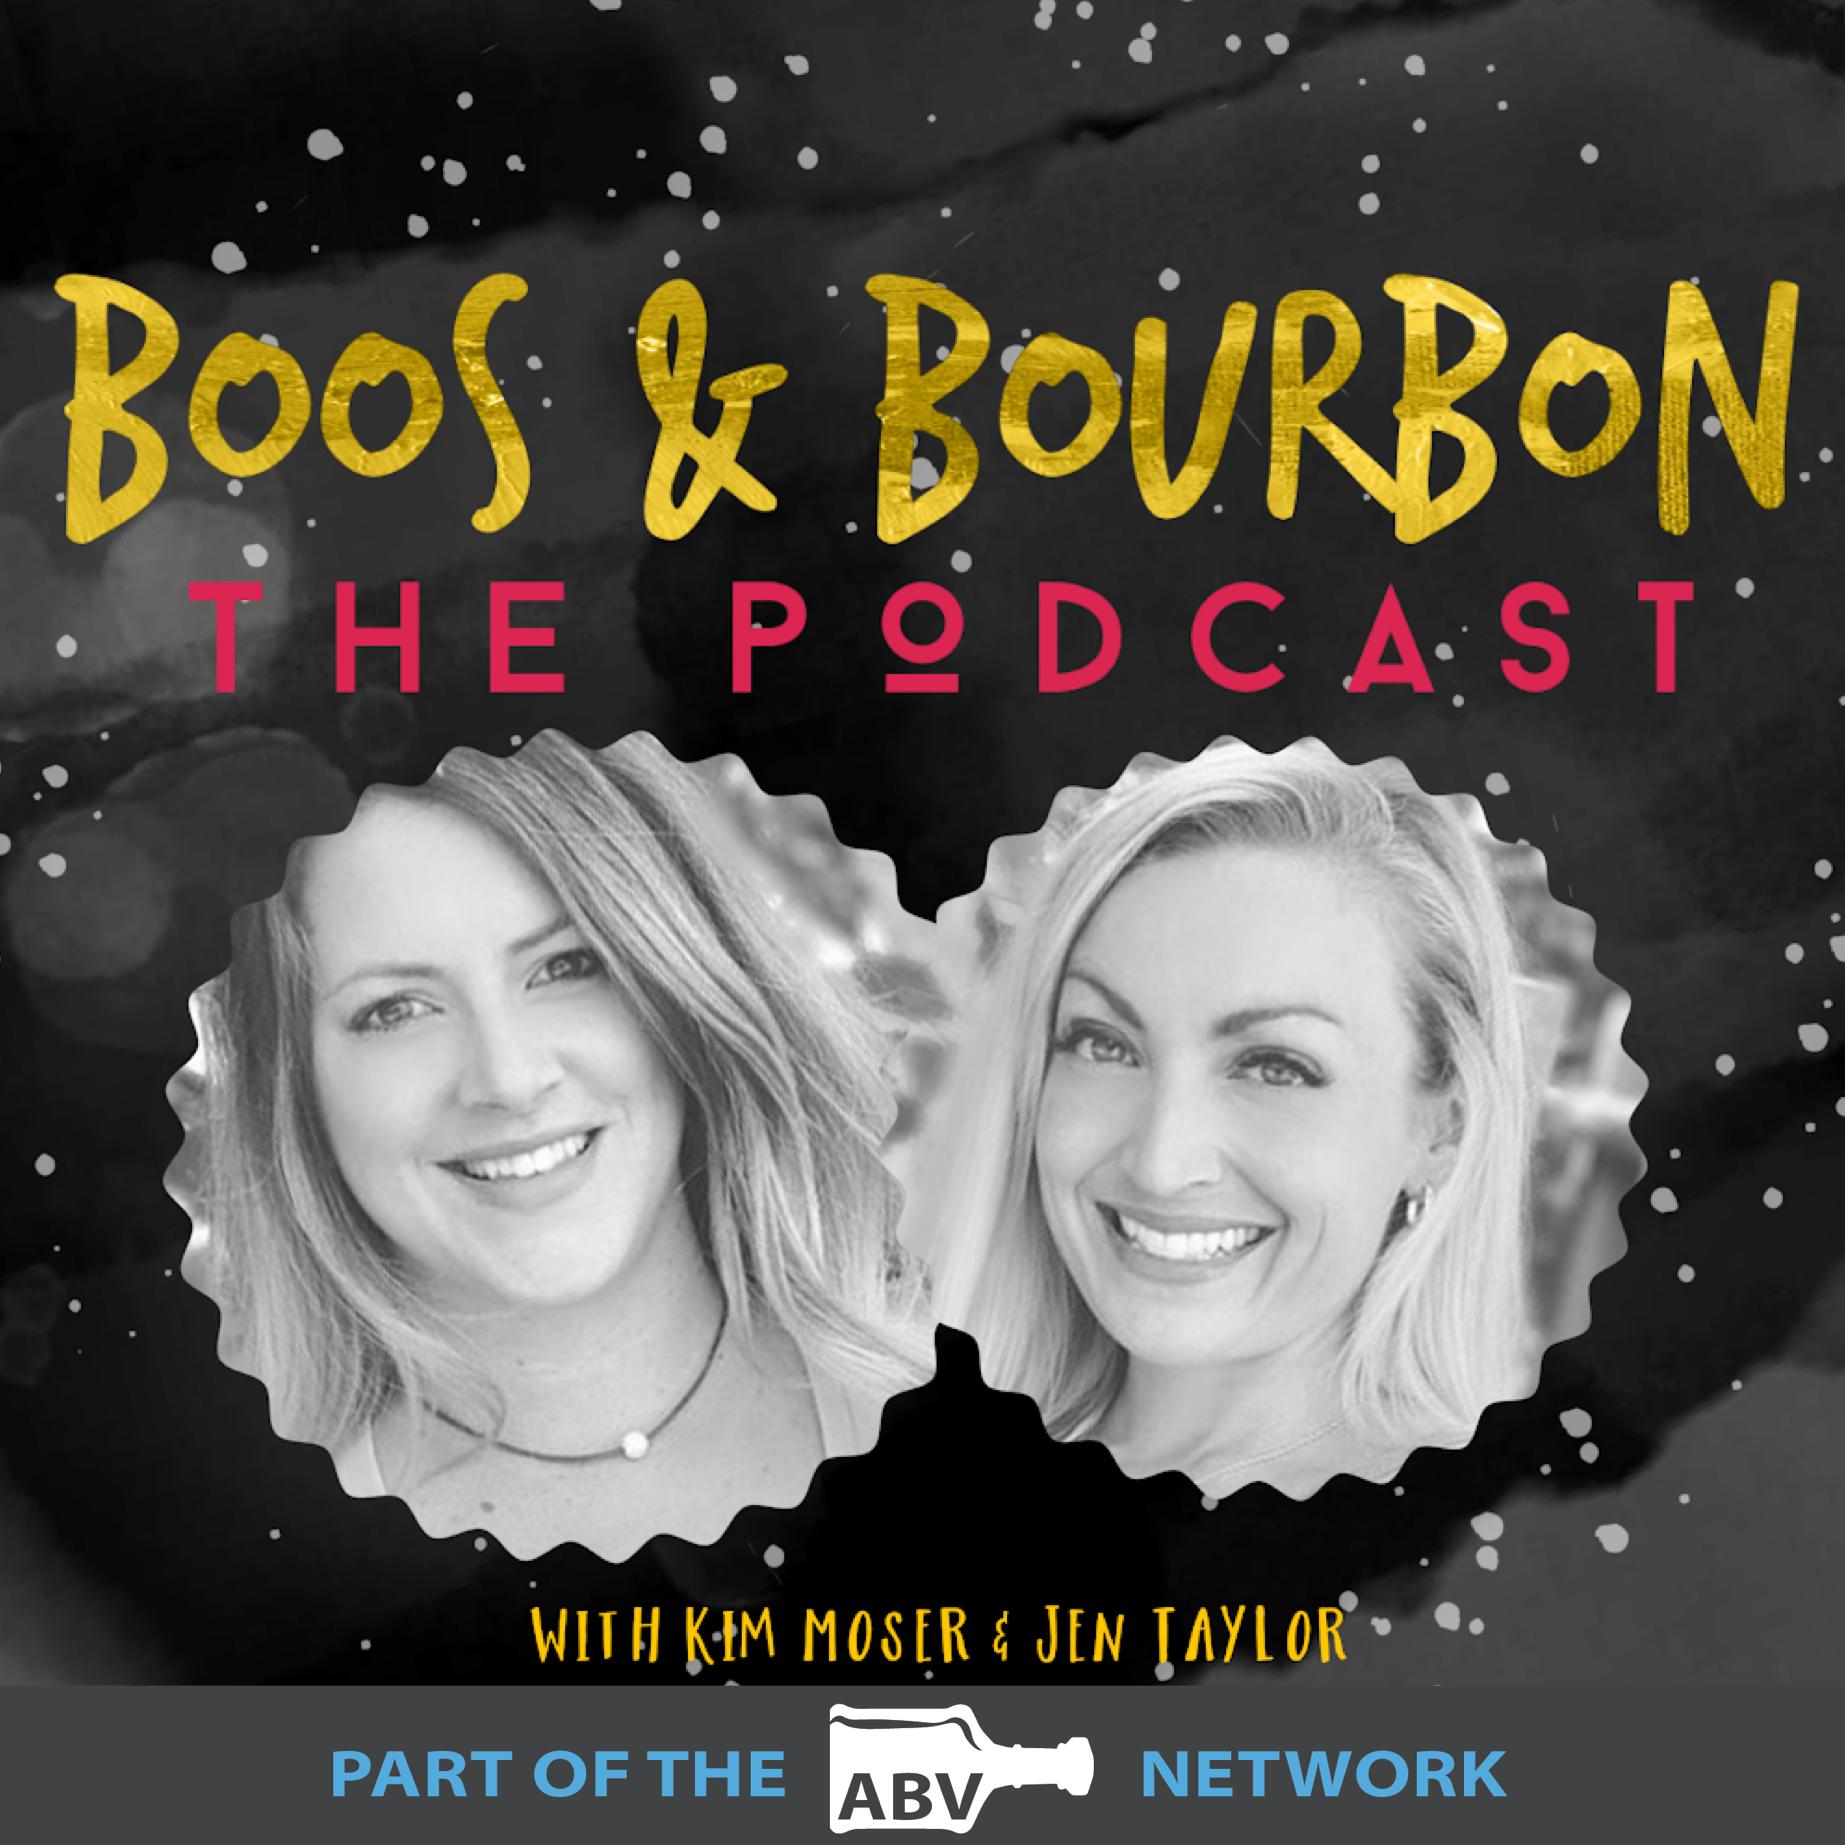 Boos & Bourbon - The Podcast show art